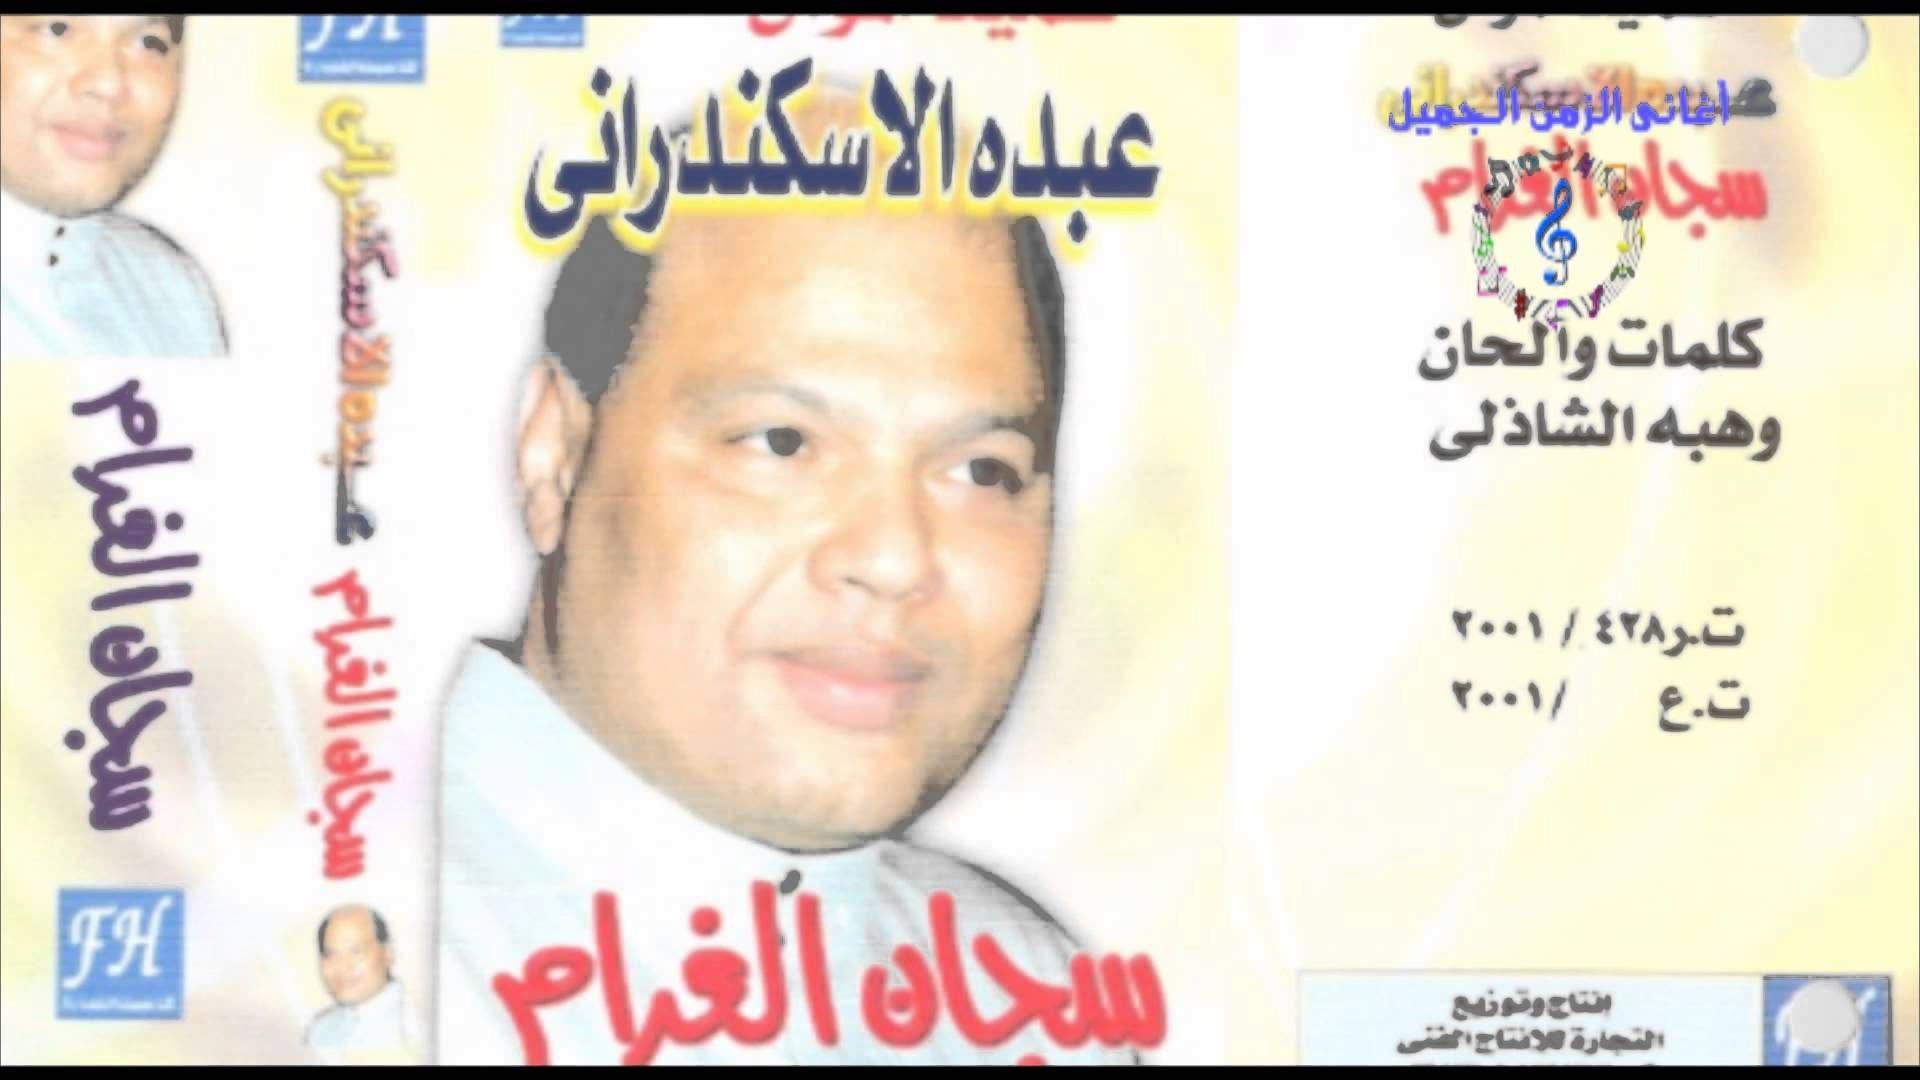 عبده الأسكندرانى كلام ومطلوب Baby Face Face